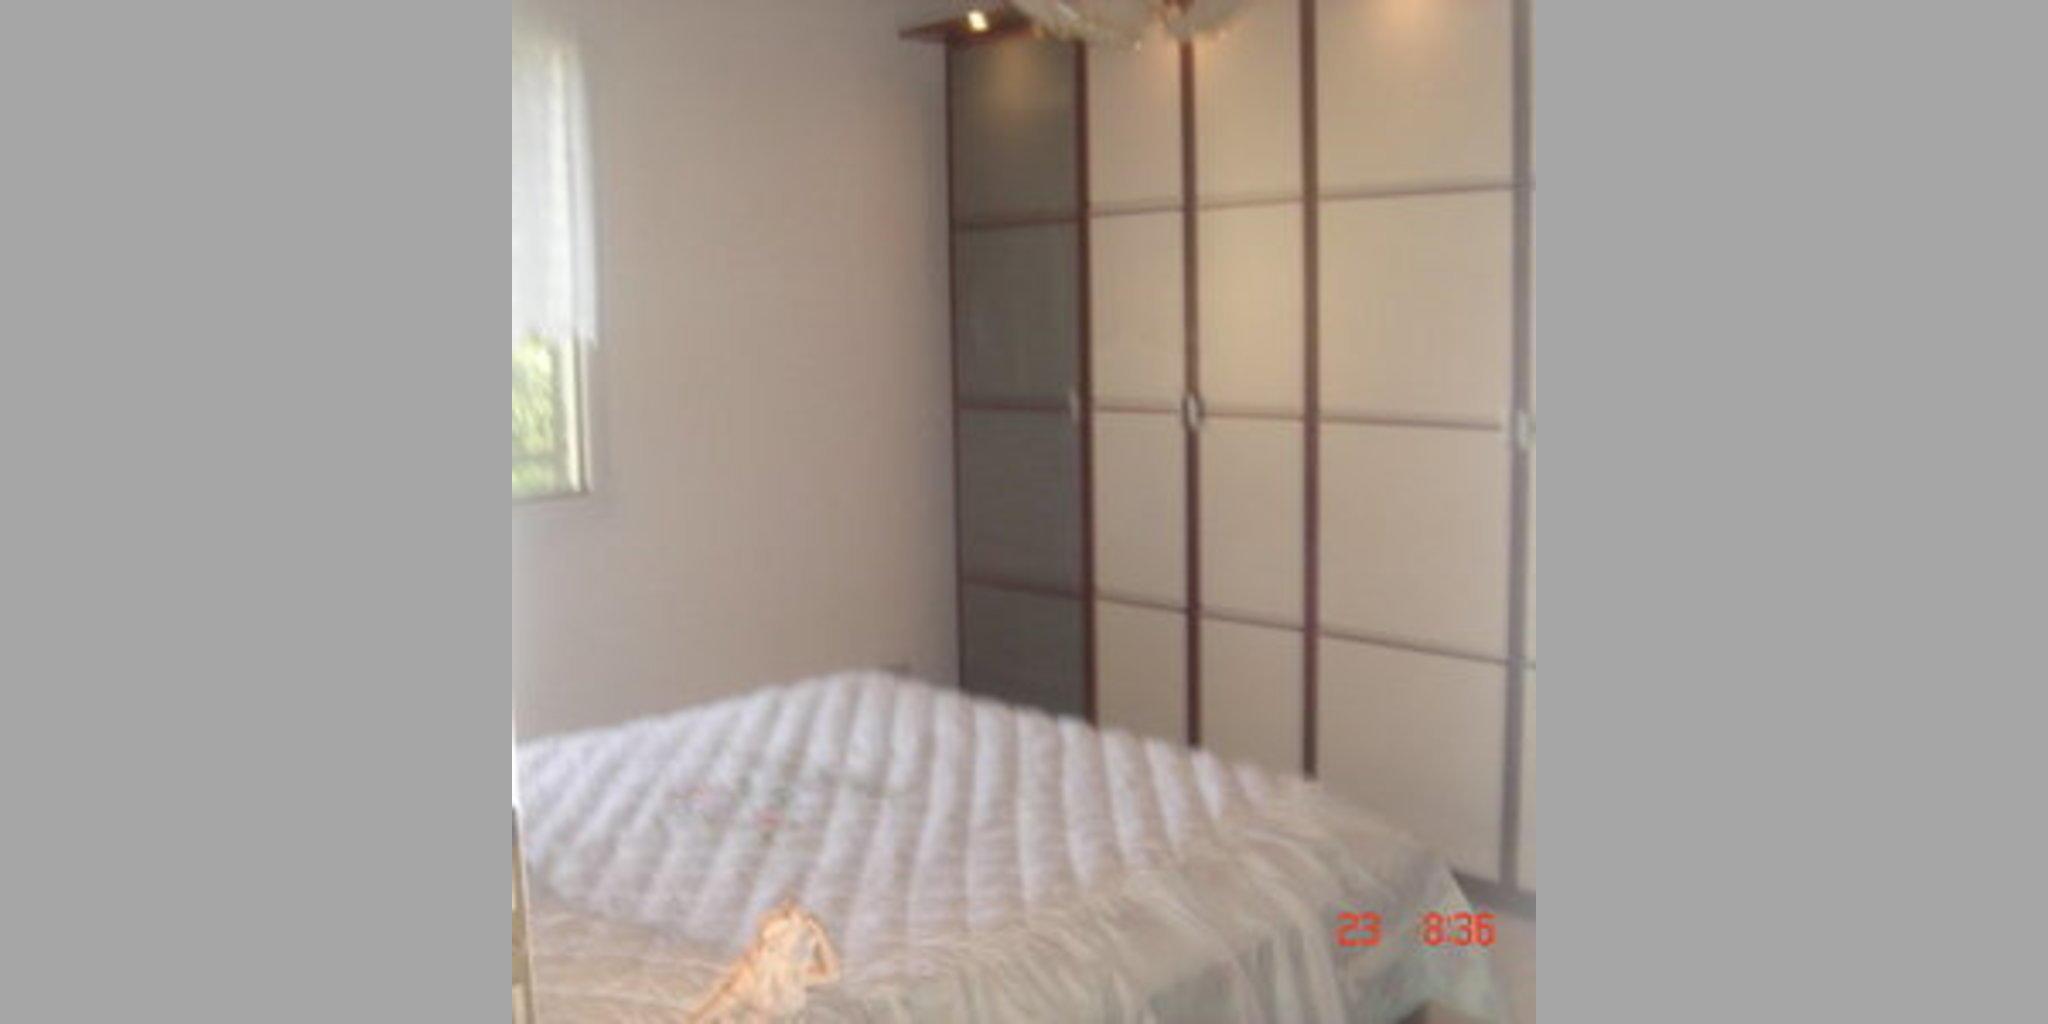 Bed & Breakfast Castiglione Chiavarese - Genova_Castiglione Chiavarese